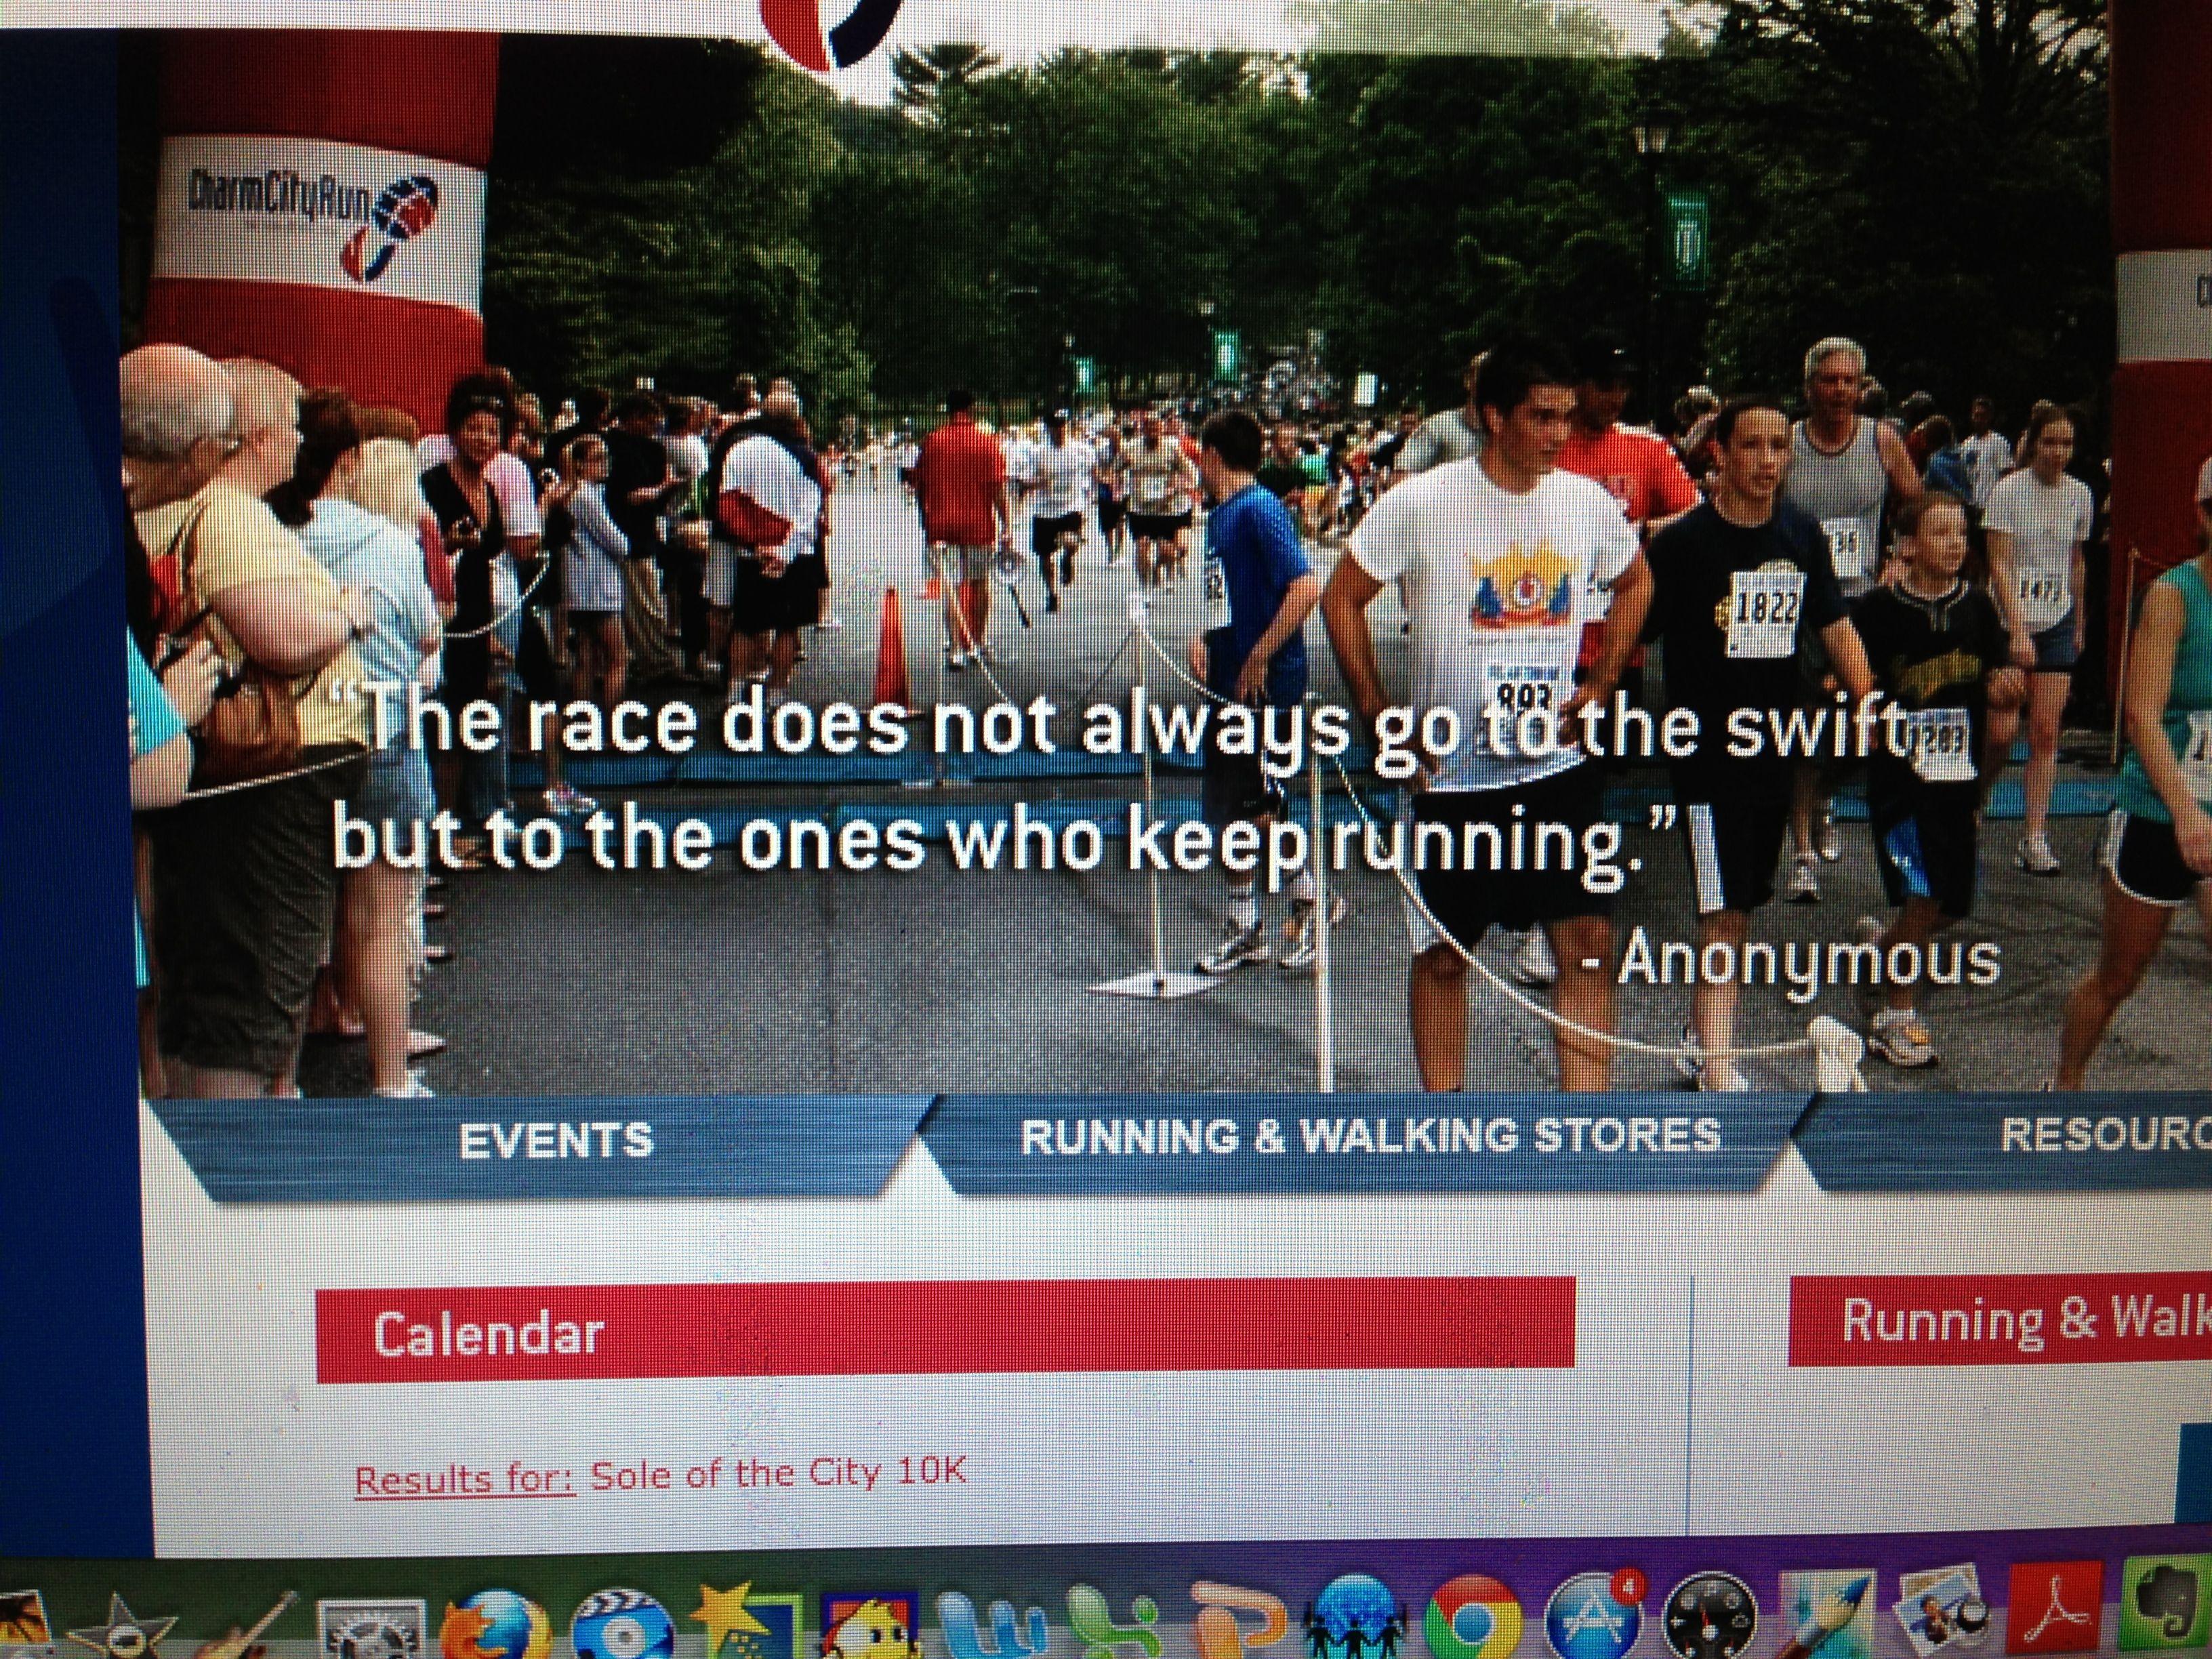 Just keep running!